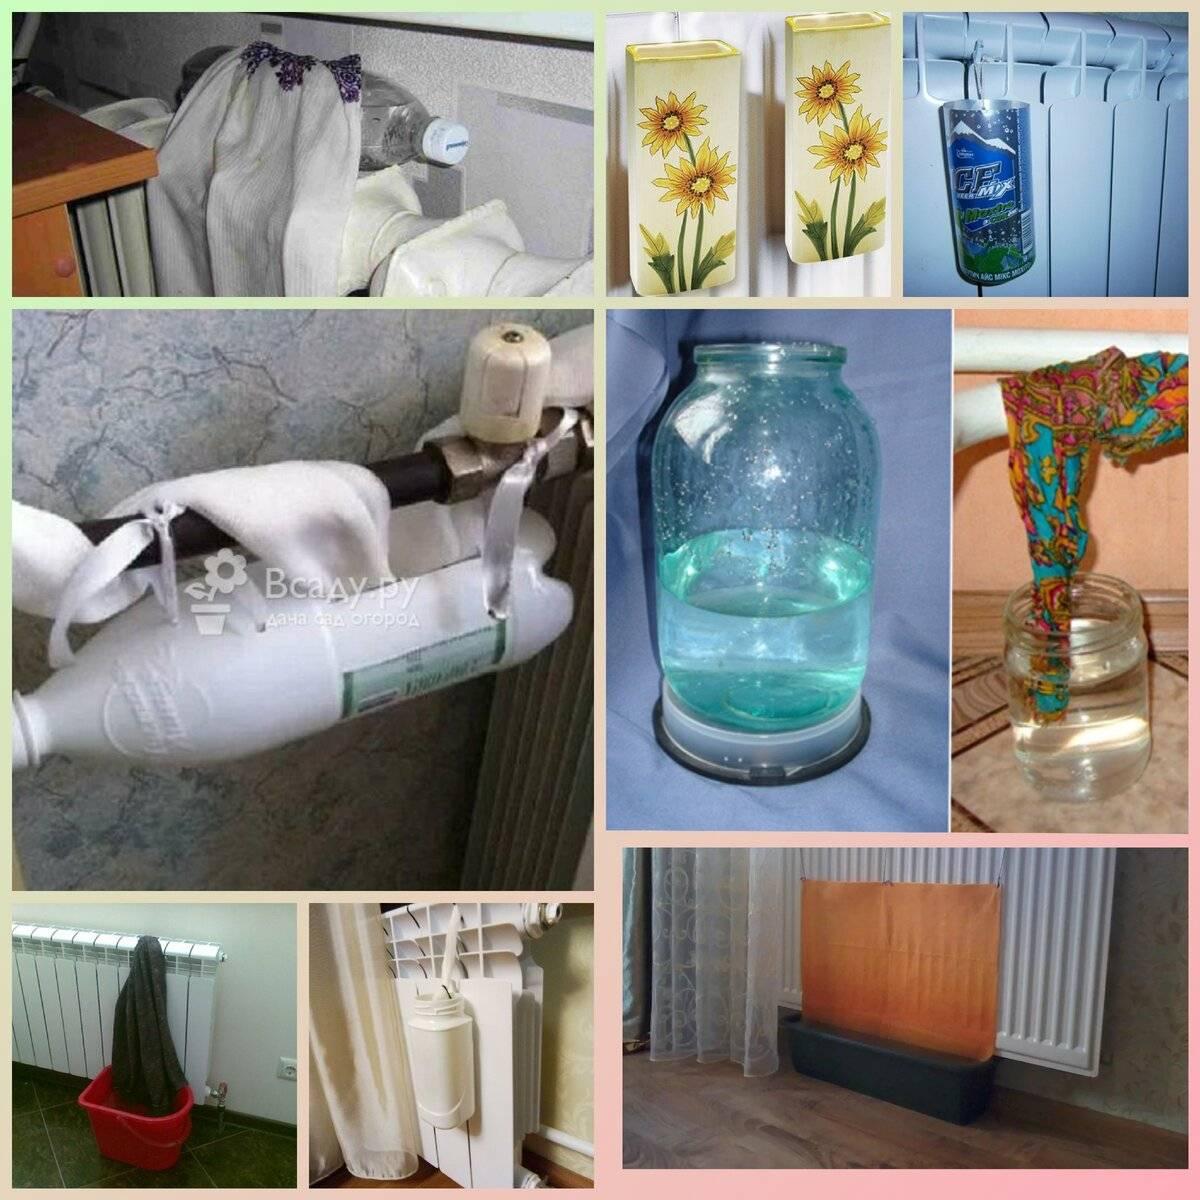 Приборы-увлажнители для комнатных растений. какие бывают увлажнители? описание, фото — ботаничка.ru